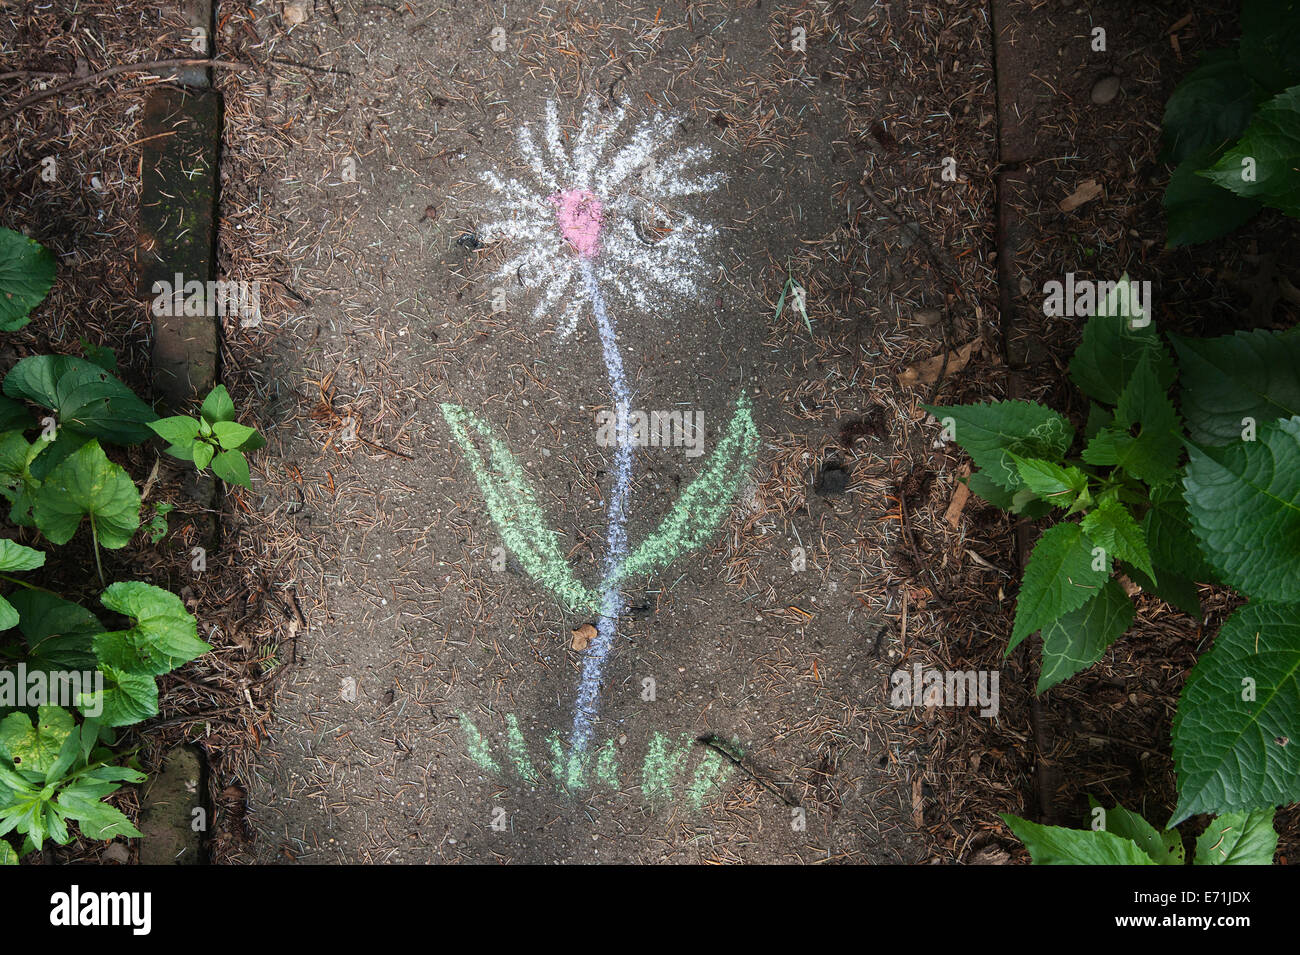 Whimsical chalk drawing on garden walkway - Stock Image